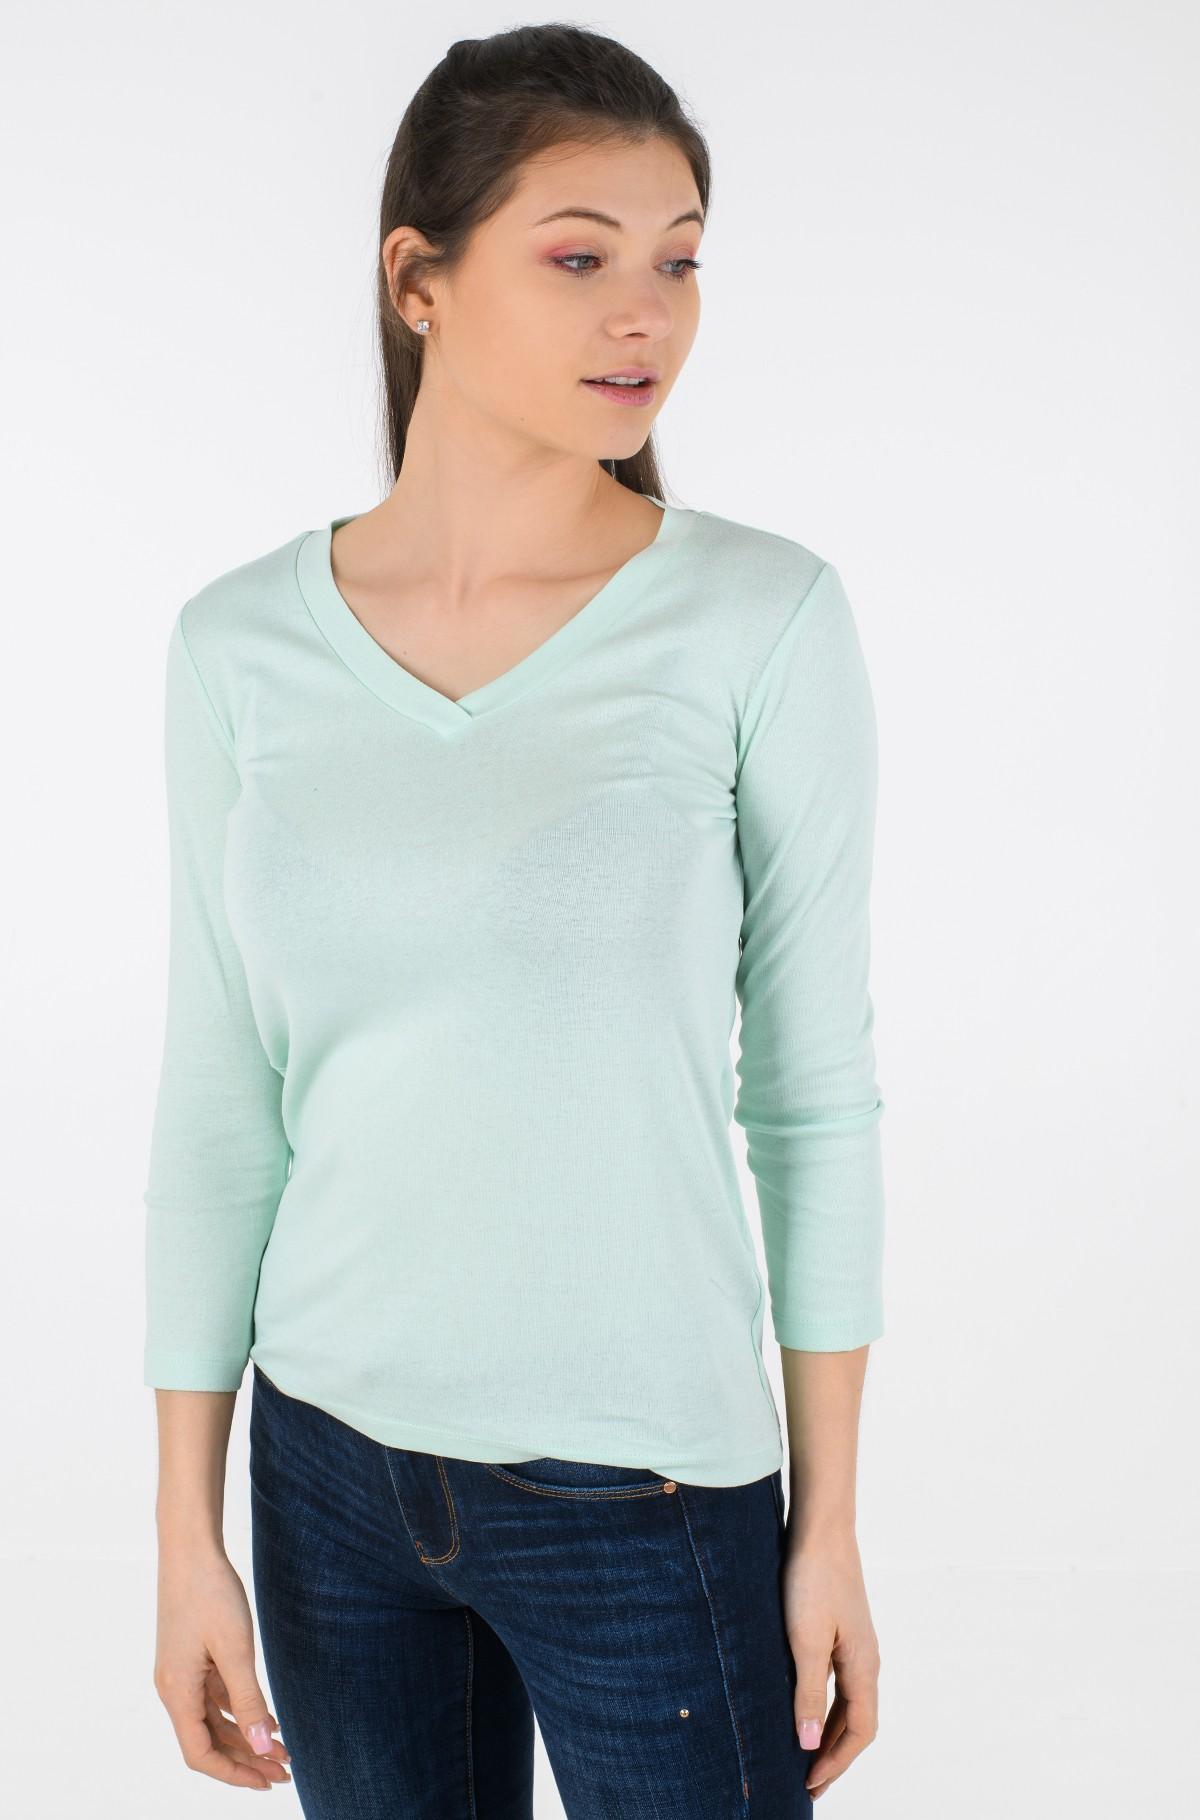 Long sleeved t-shirt 1020435-full-1